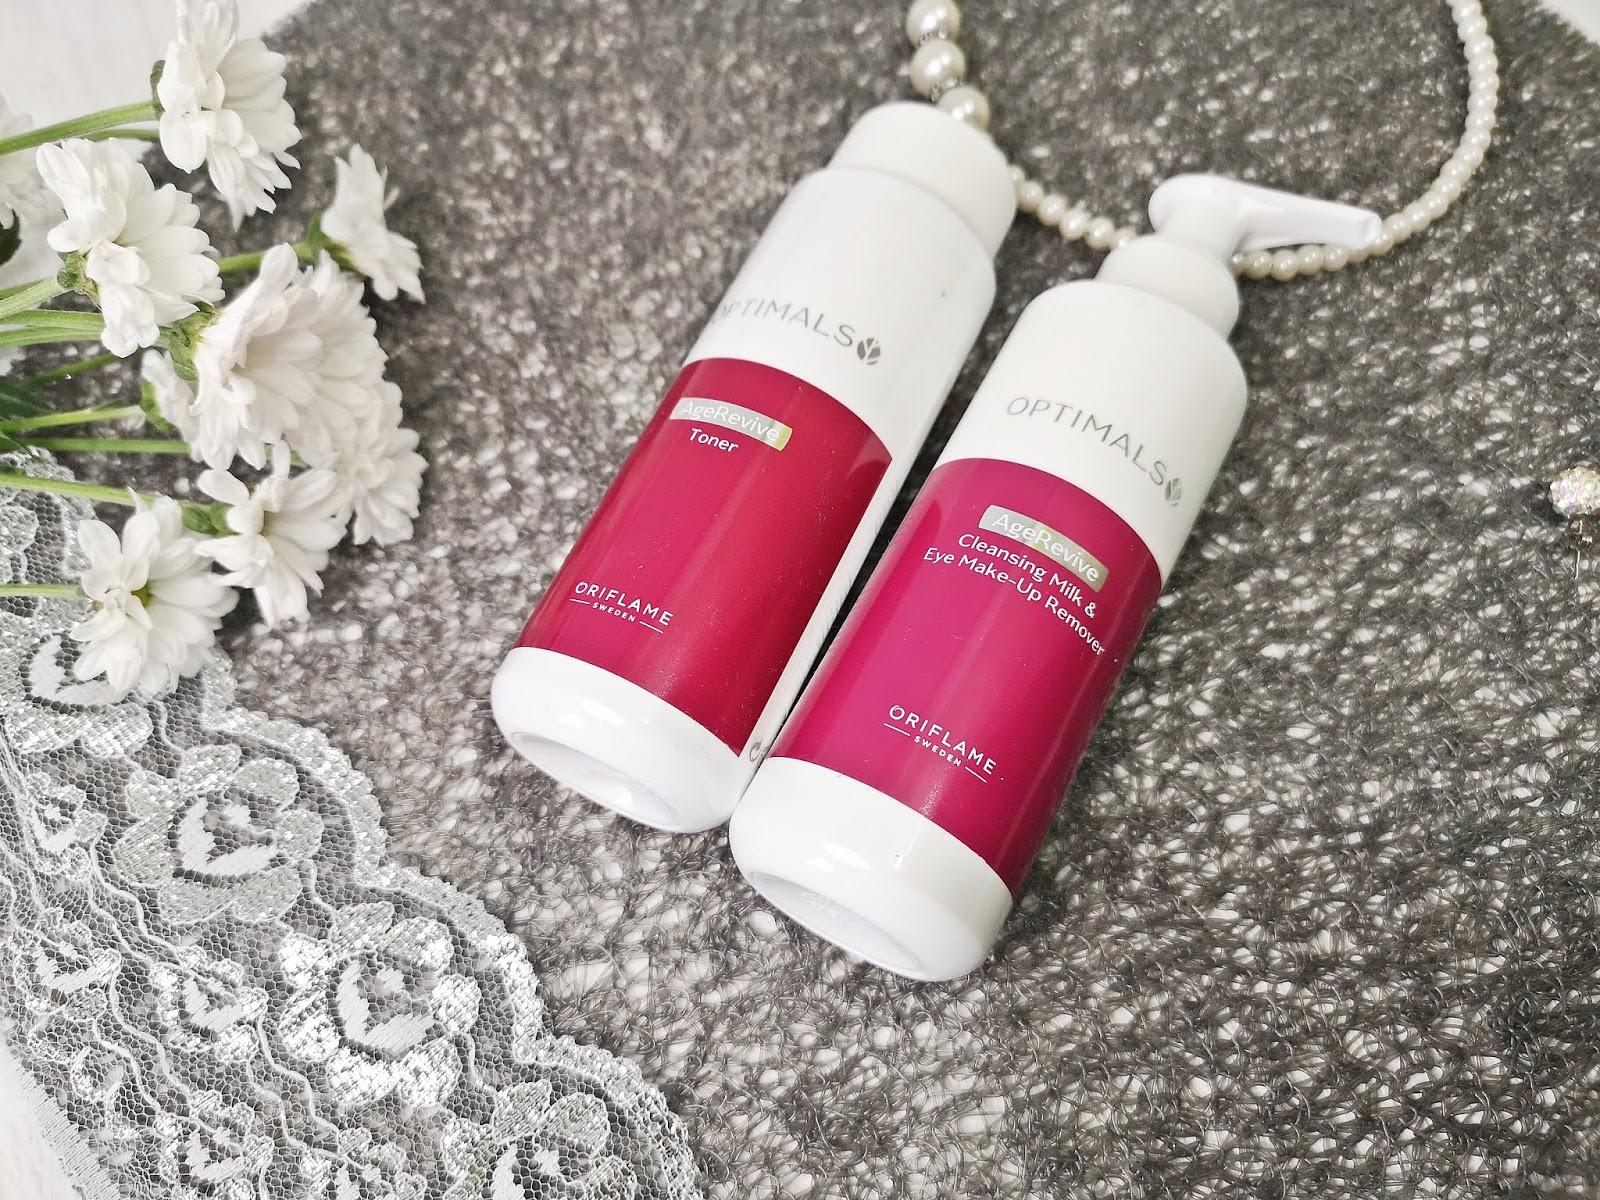 شیرپاک کن و پاک کننده آرایش ضدپیری اپتیمالز اوریفلیم OPTIMALS Oriflame